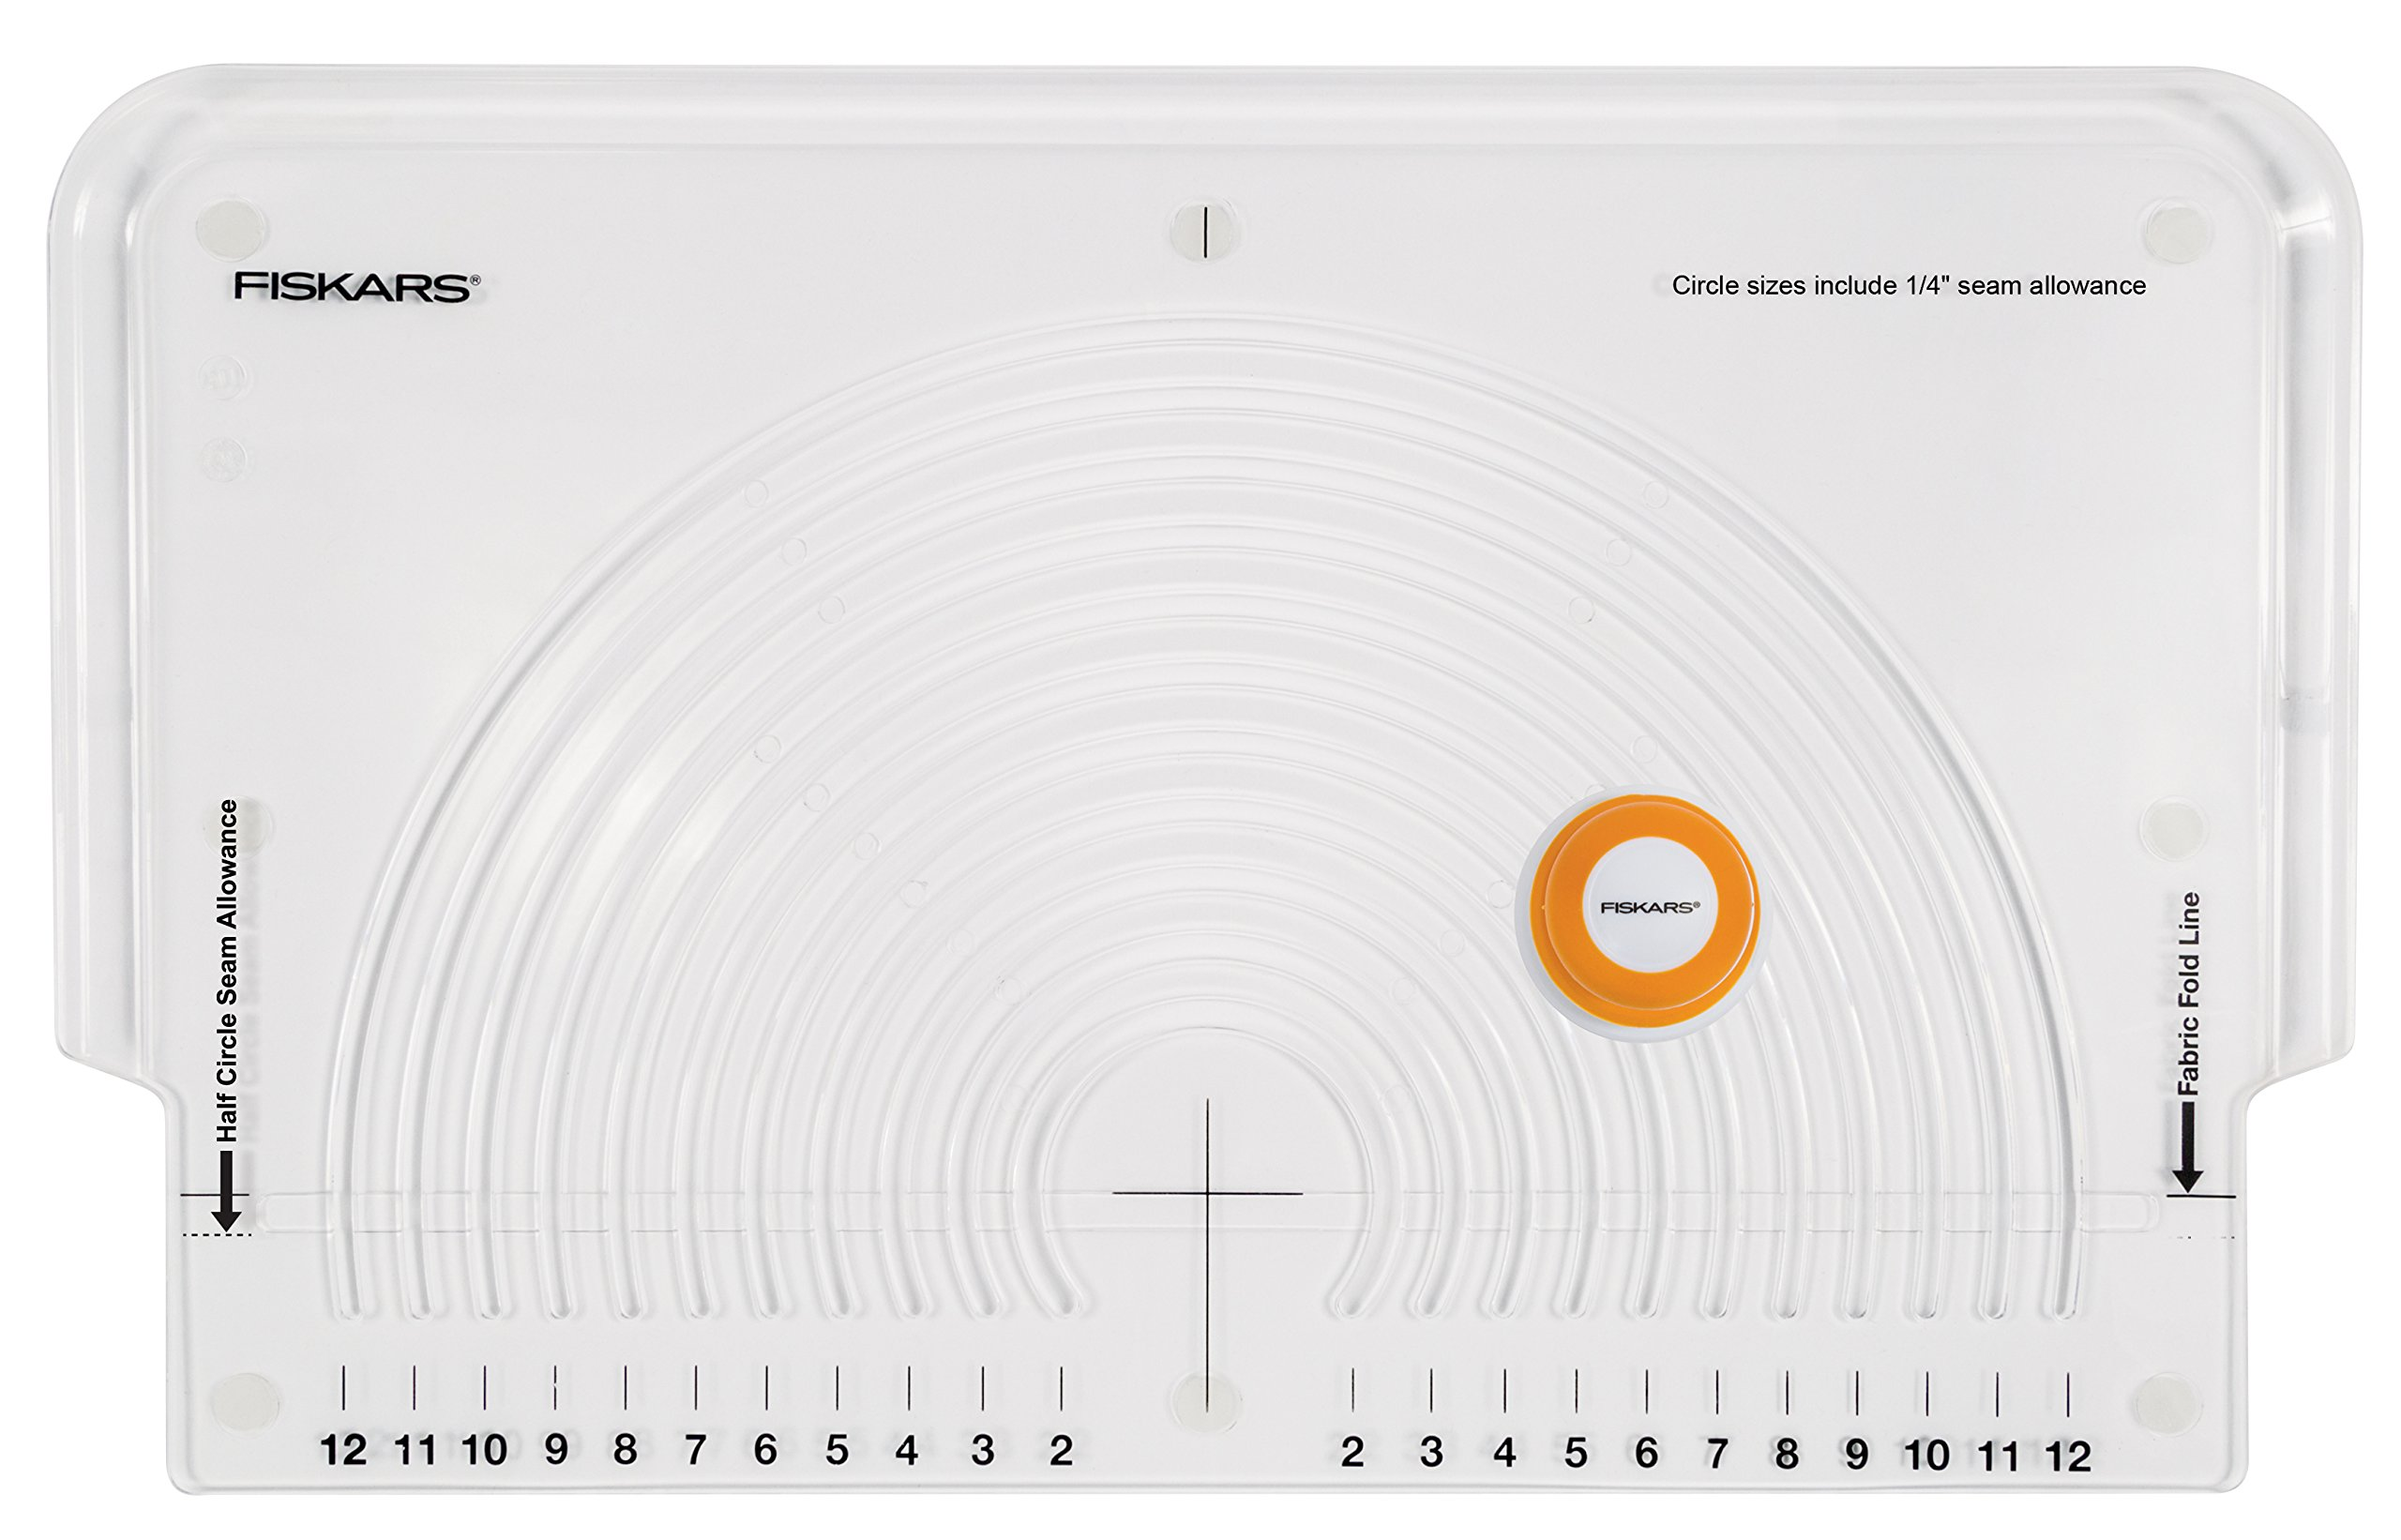 Fiskars 111310-1004 Fabric Circle Cutter by Fiskars